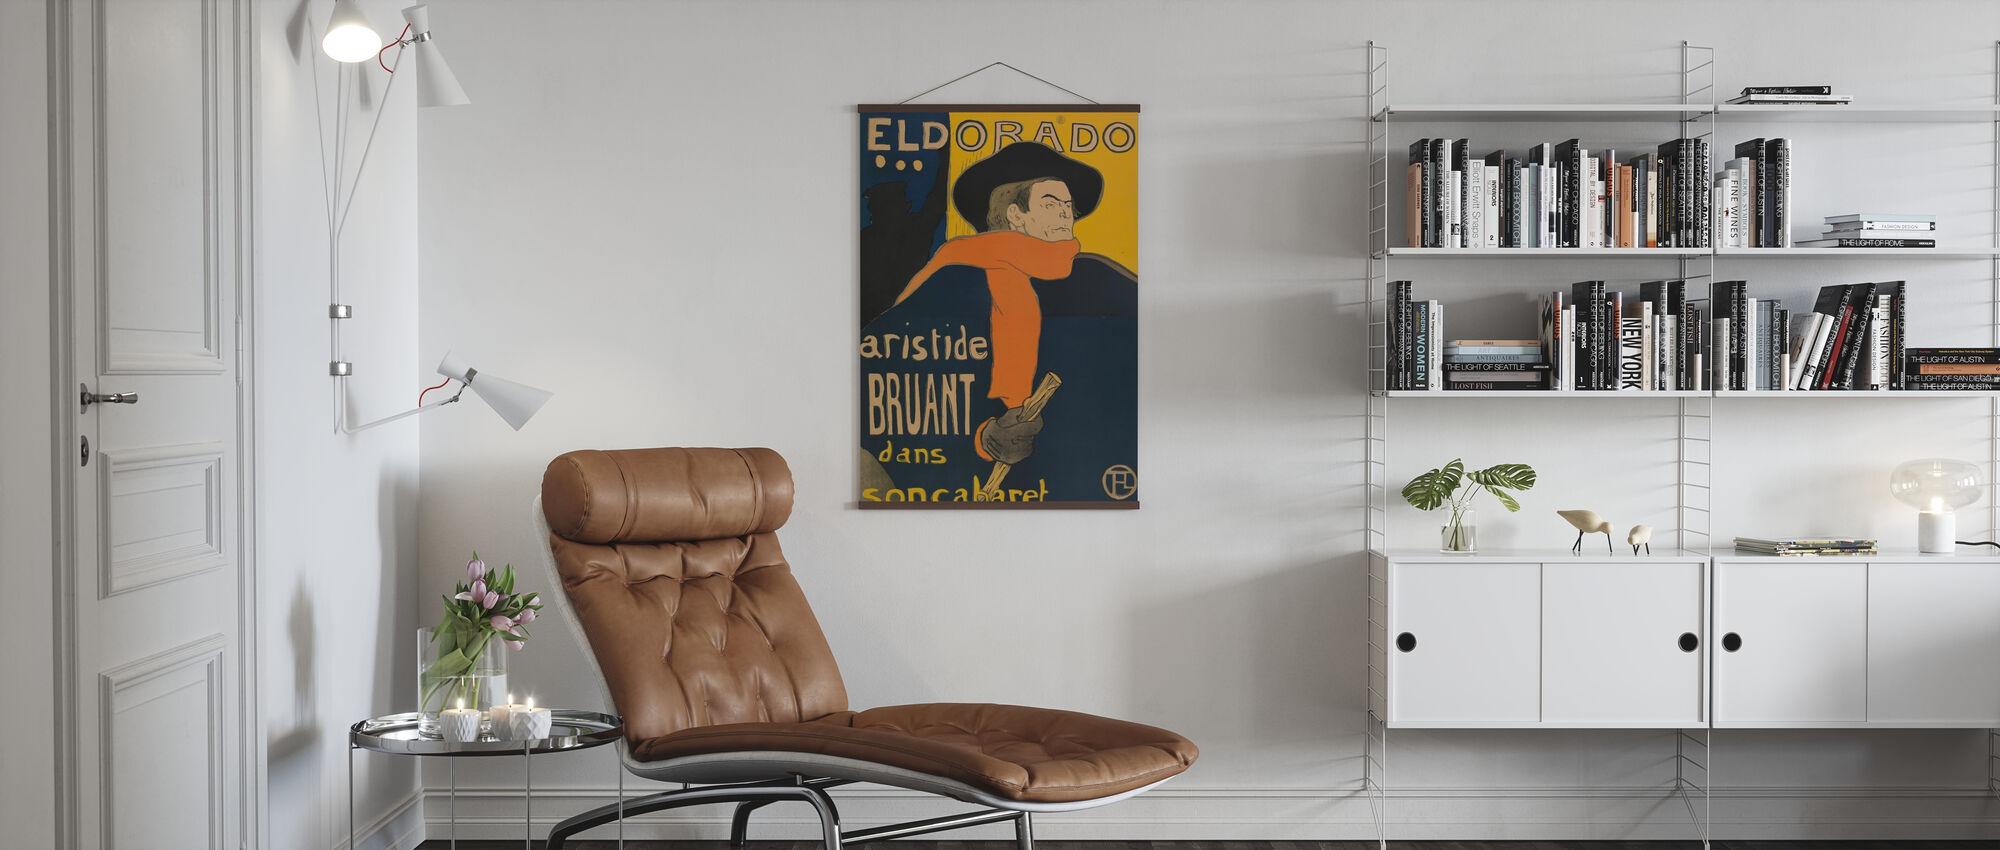 Café Concert Eldorado - Aristide Bruant - Poster - Woonkamer